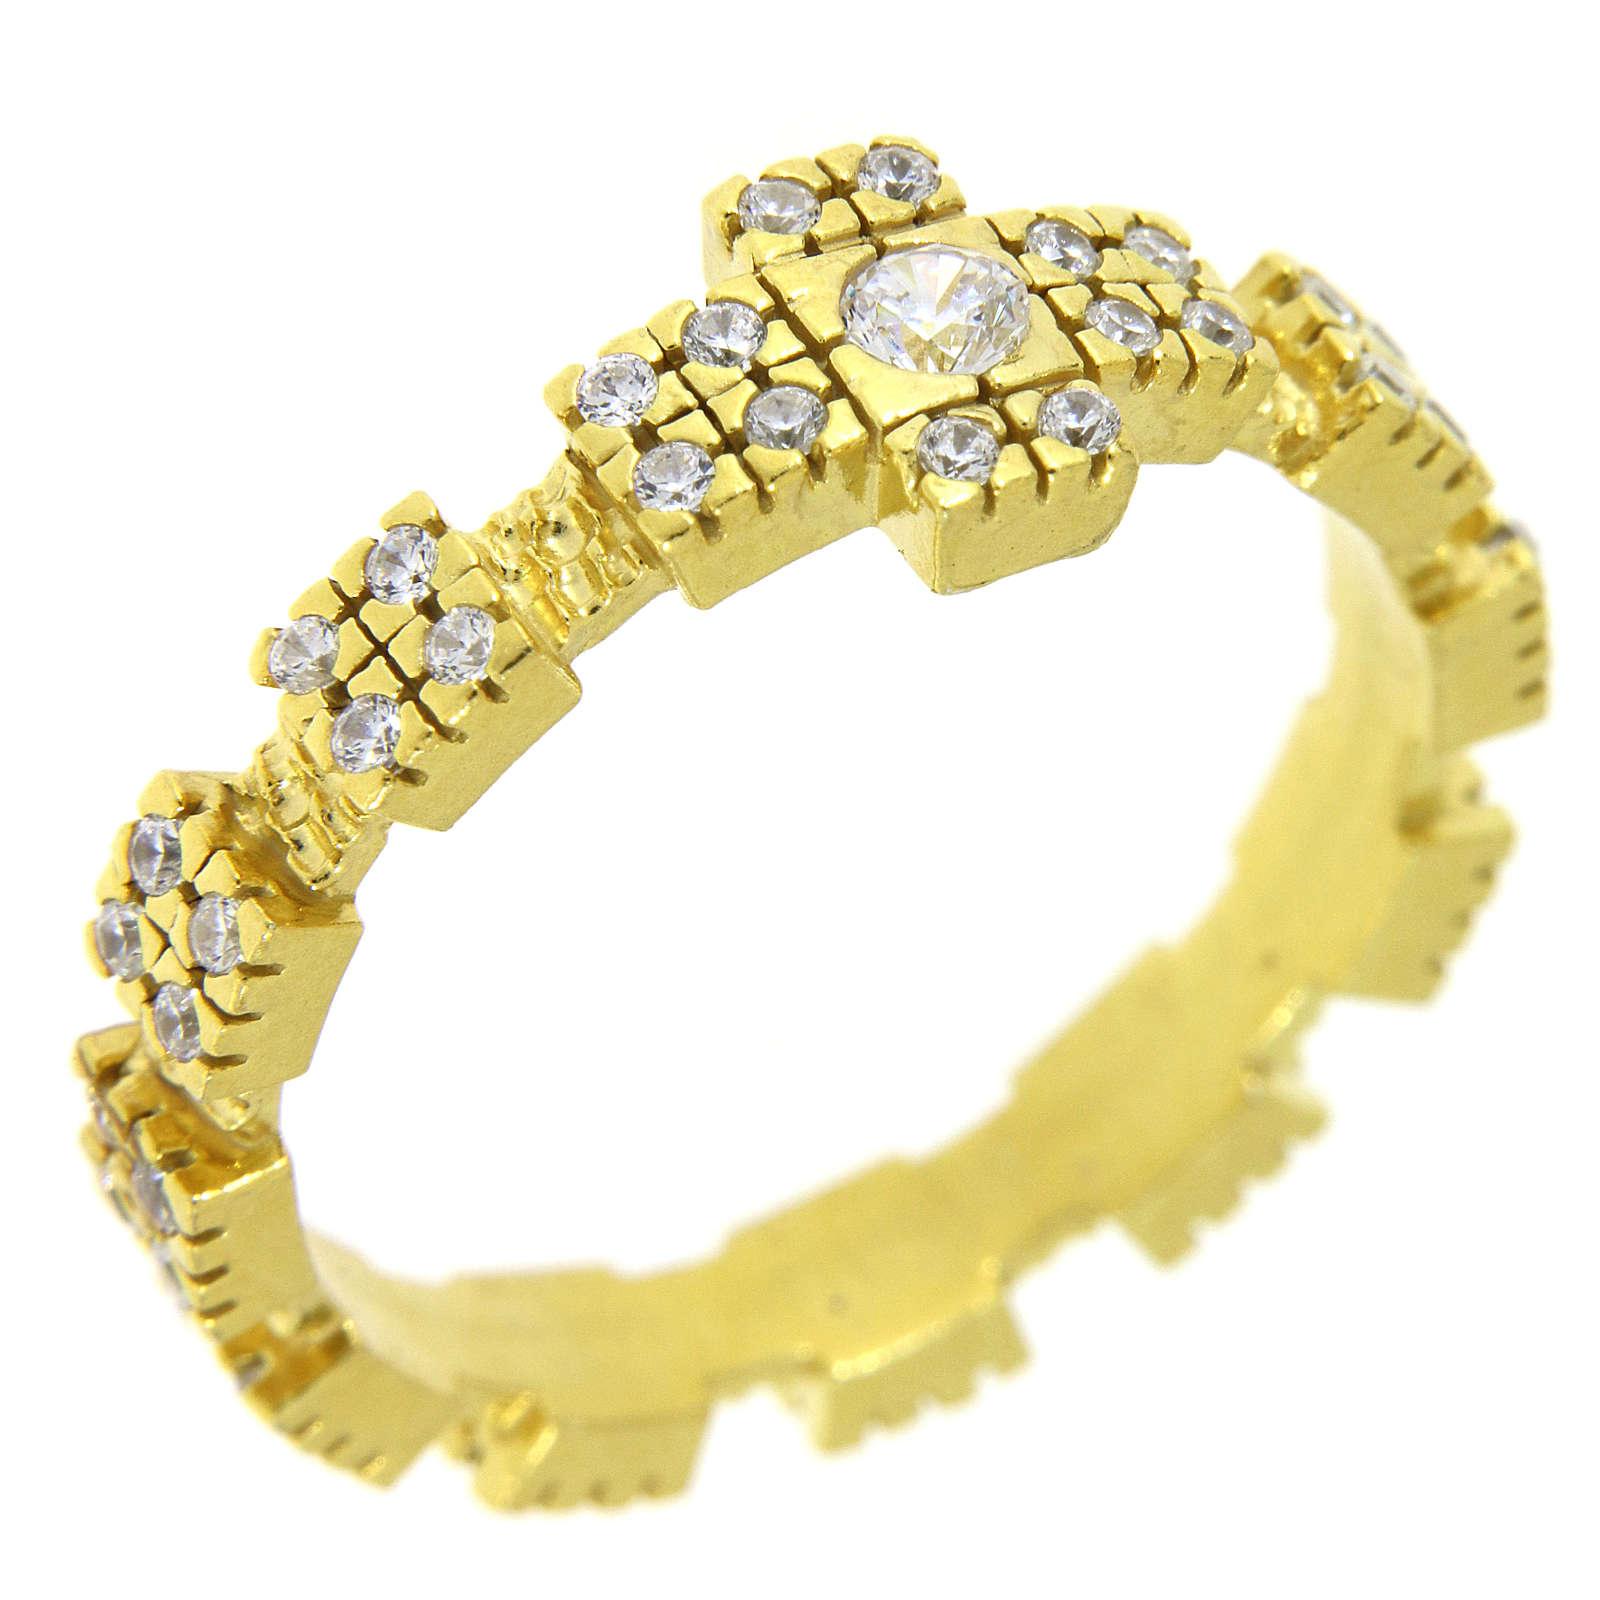 Anello in argento 925 dorato con zirconi trasparenti 3